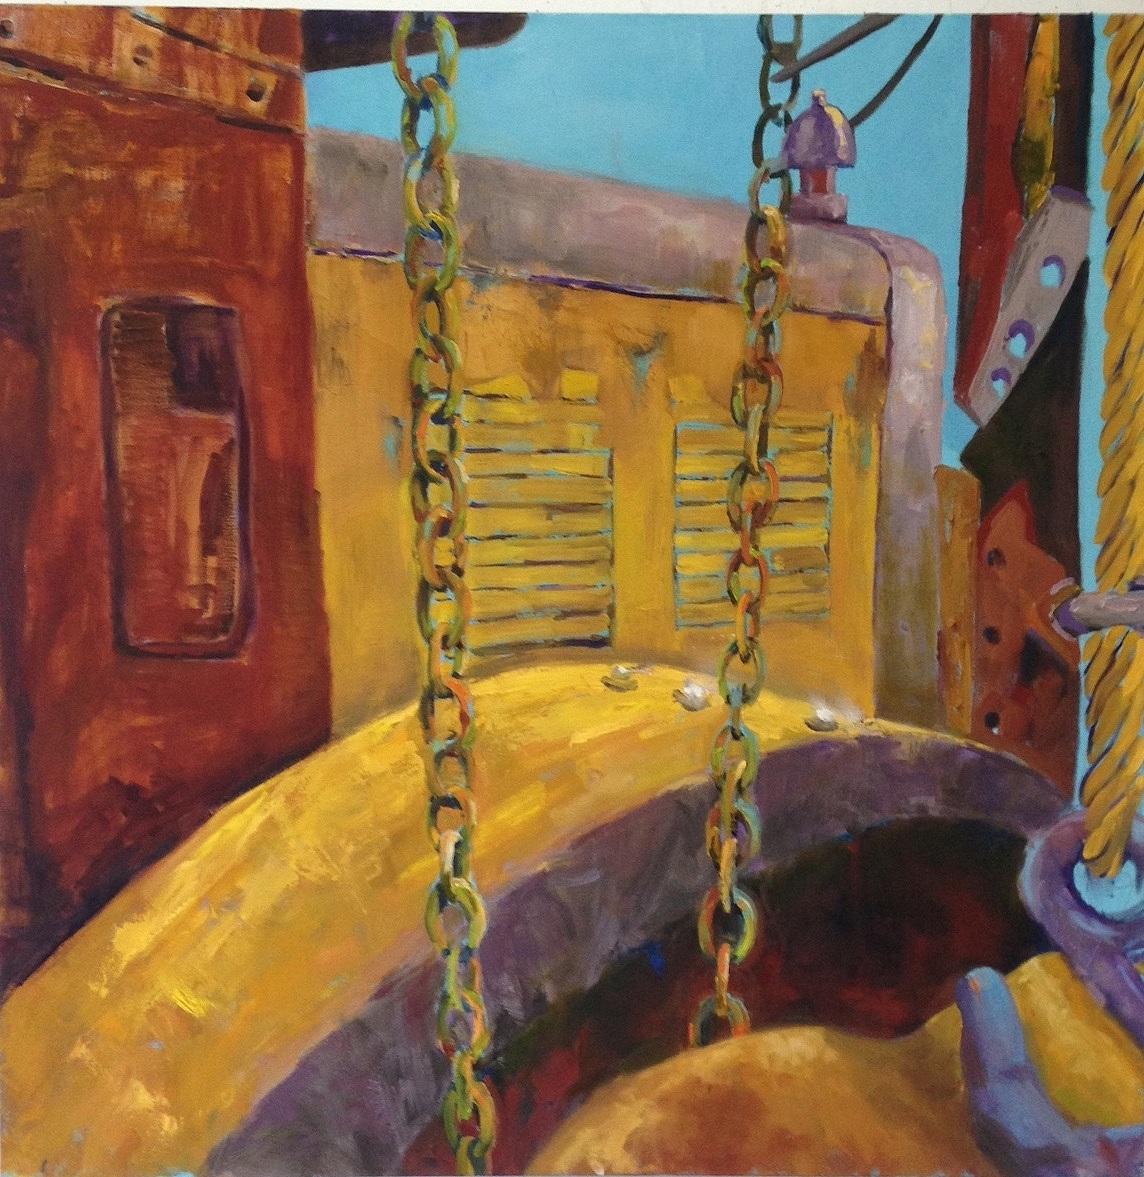 Dual Chains